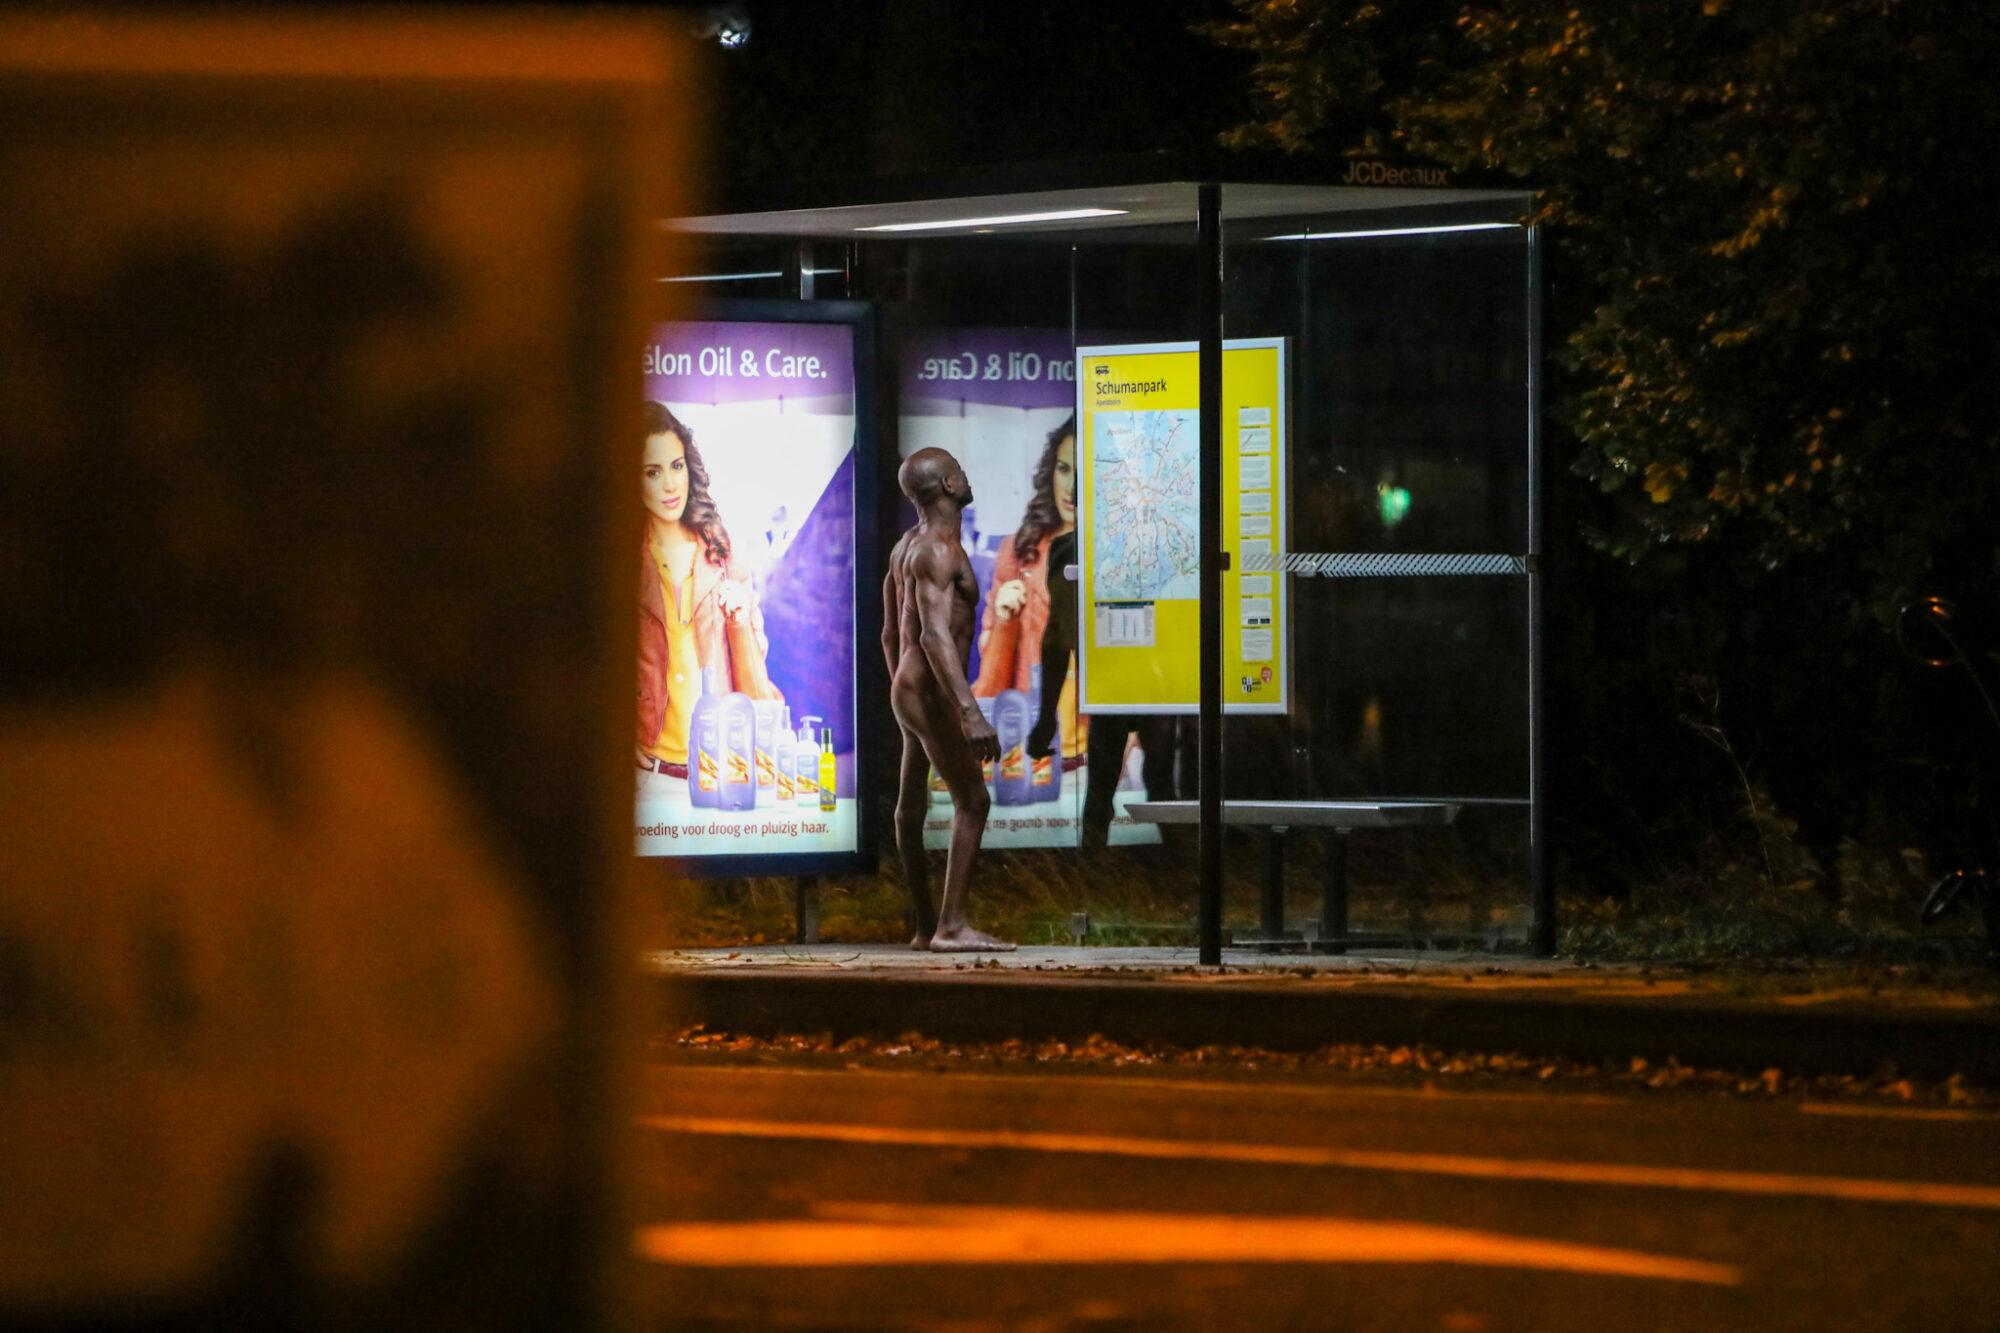 Naakte man zorgt voor onrust op Europaweg in Apeldoorn